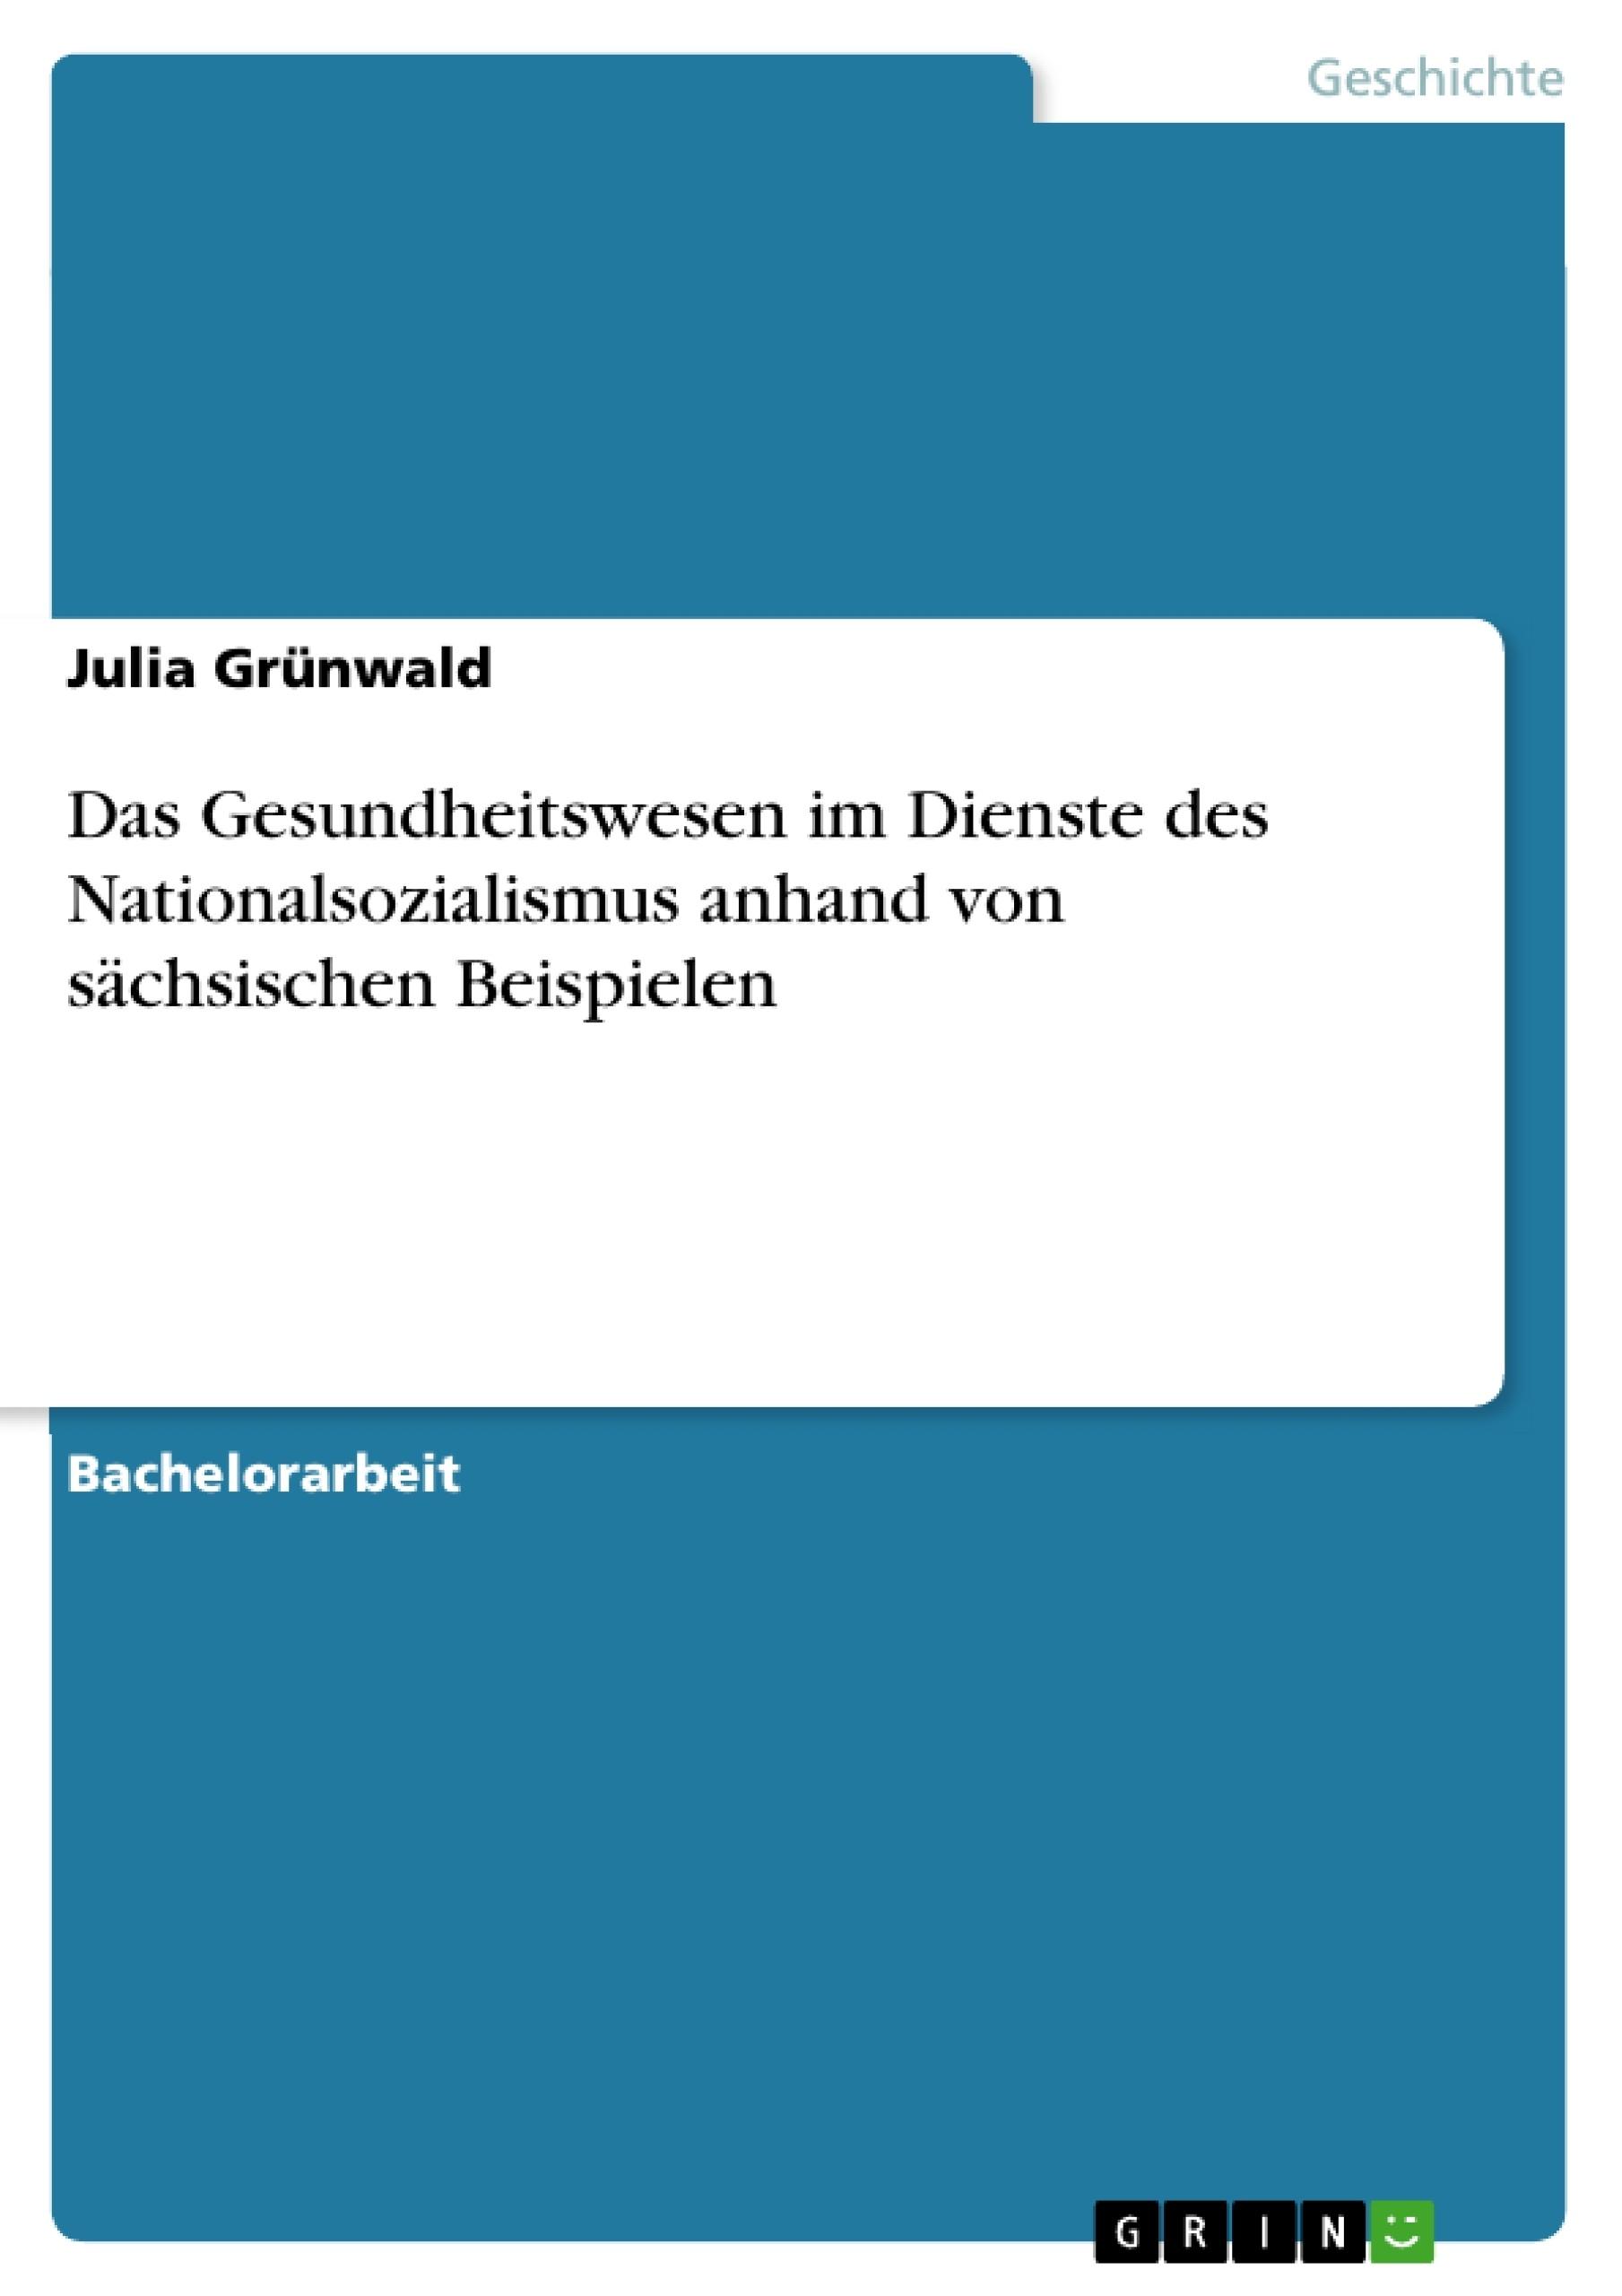 Titel: Das Gesundheitswesen im Dienste des Nationalsozialismus anhand von sächsischen Beispielen